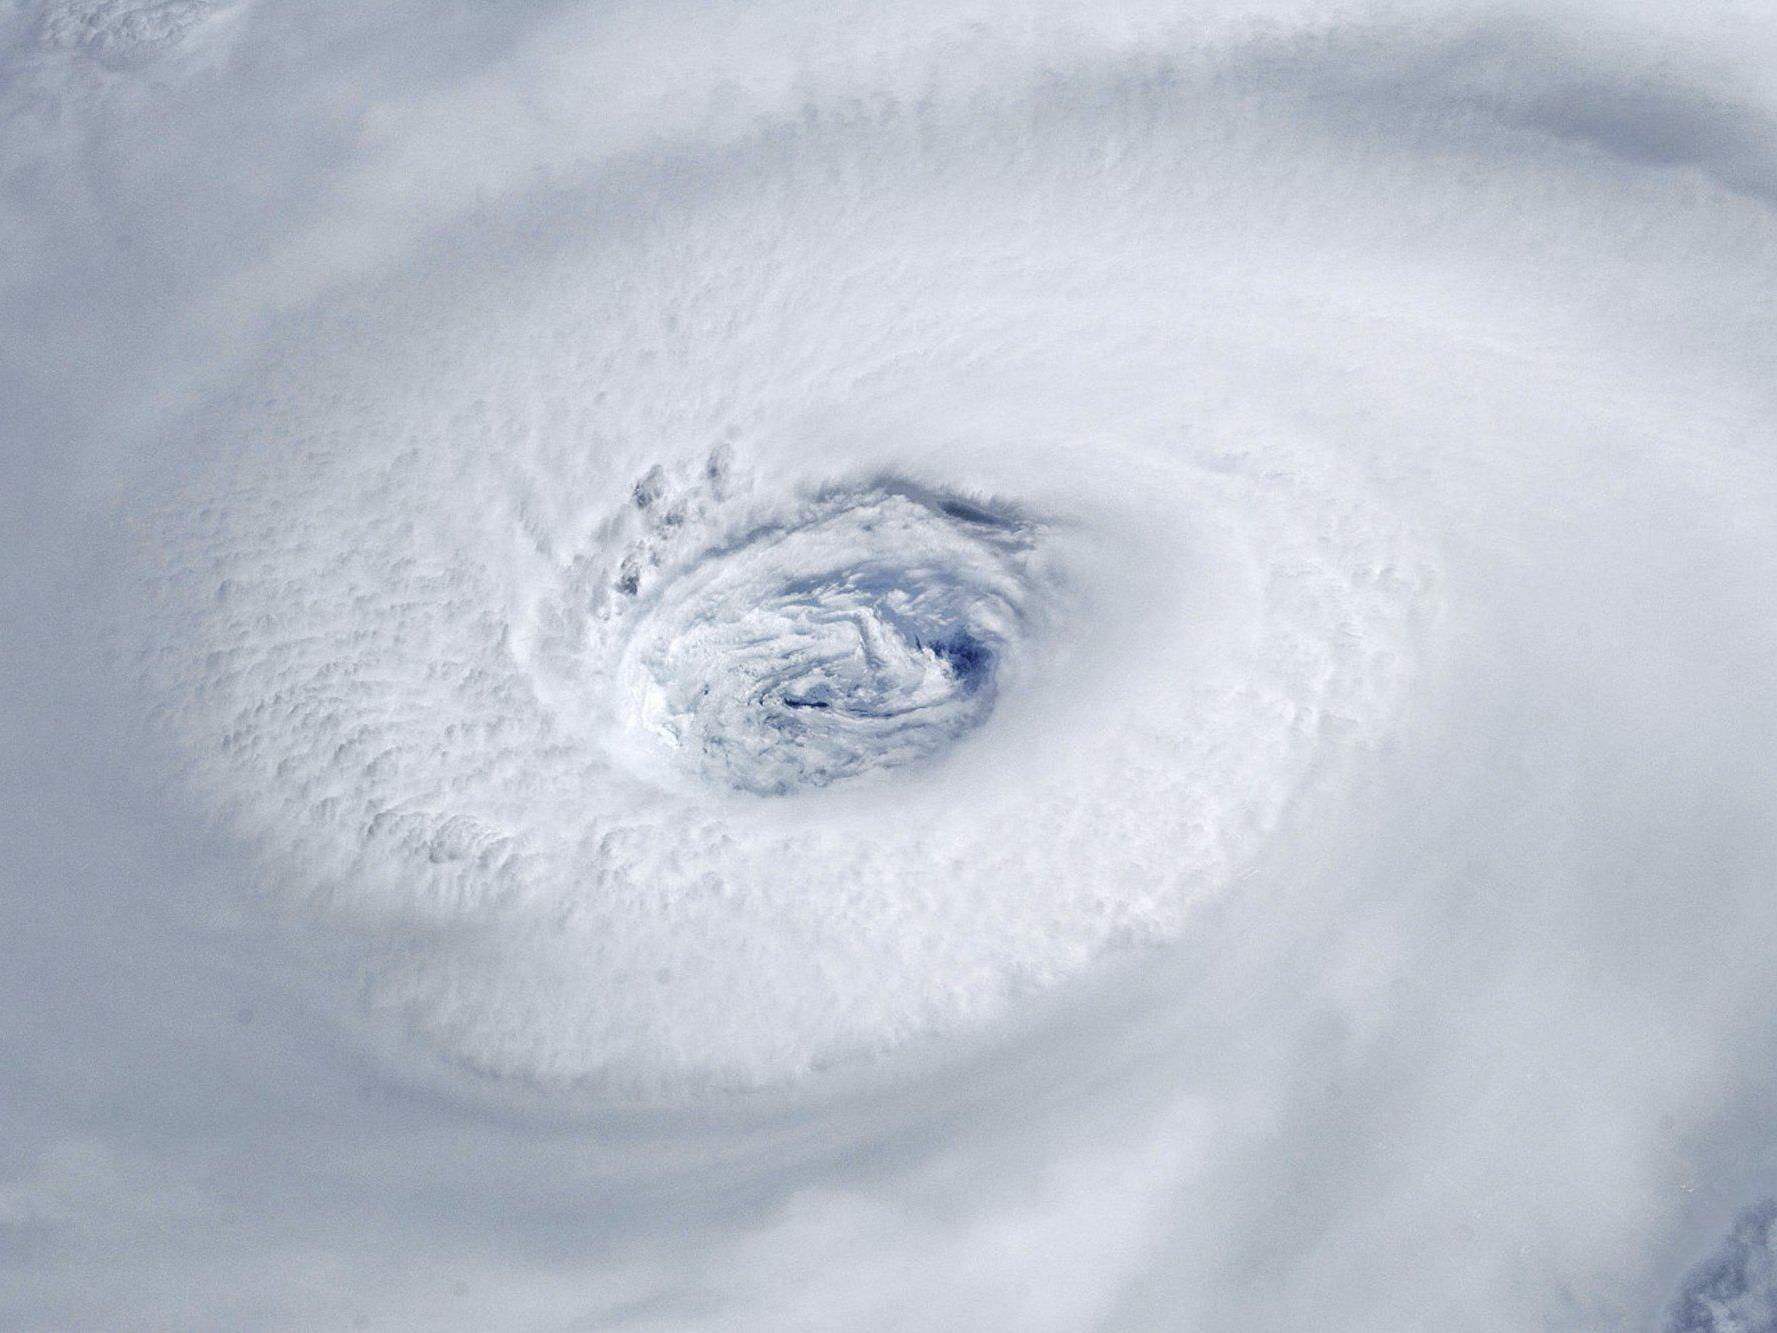 Hurrikane mit weiblichen Namen werden als weniger bedrohlich wahrgenommen - und können deshalb mehr Todesopfer fordern.